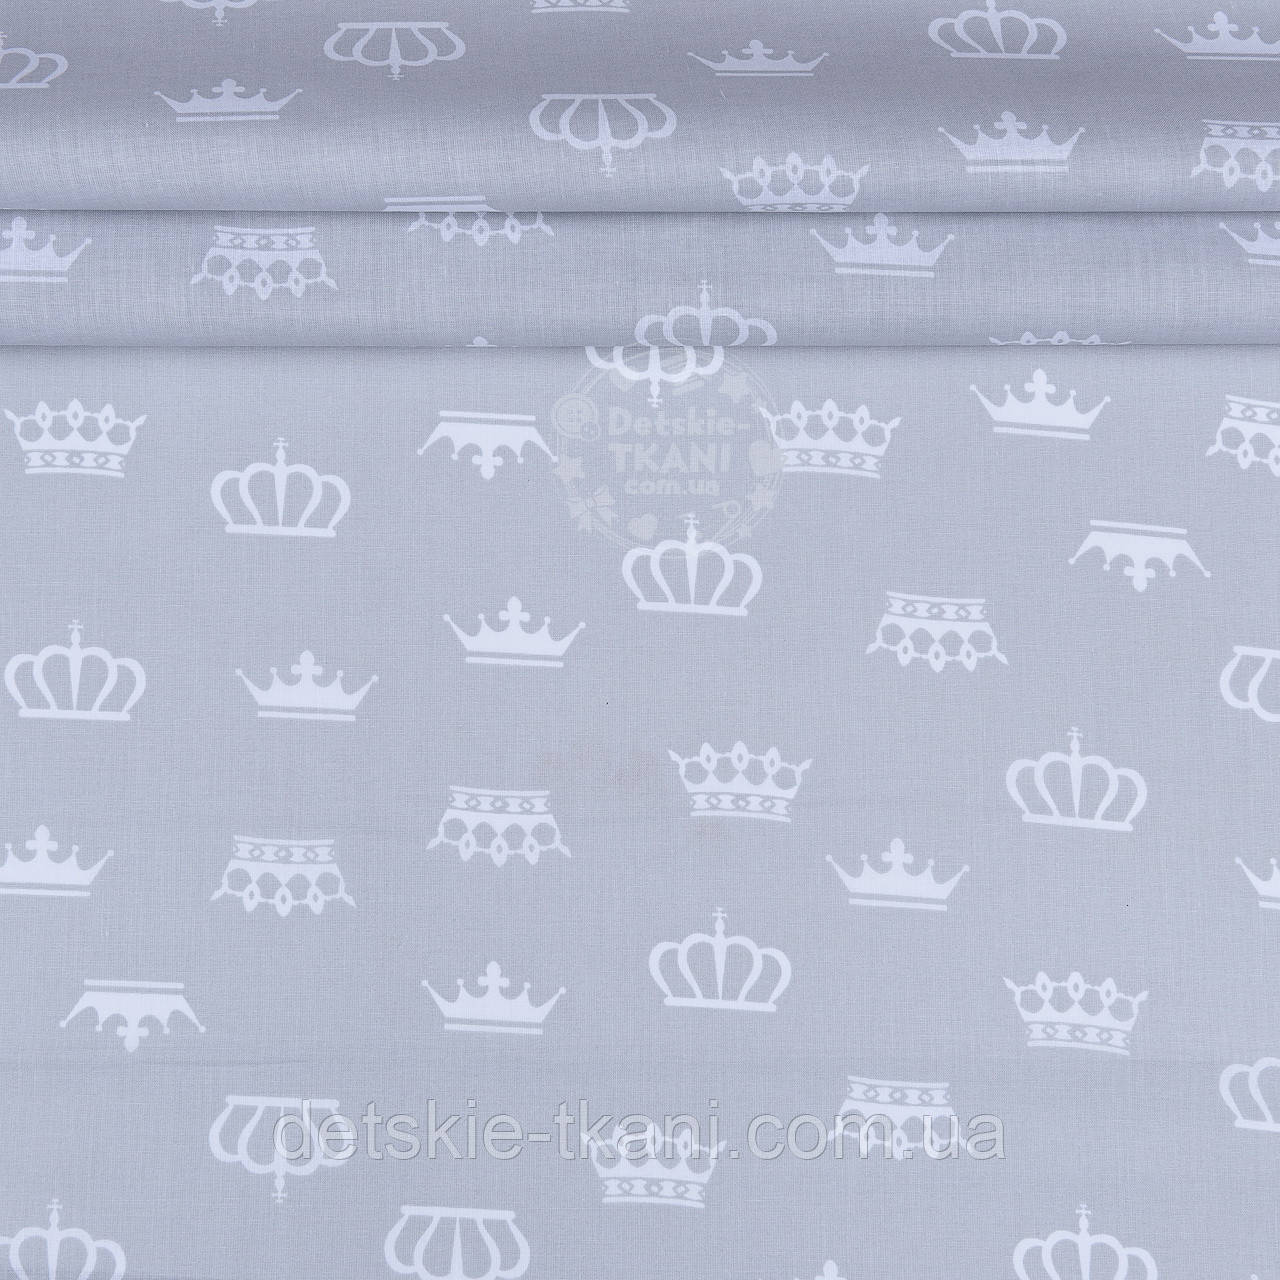 Ткань ранфорс шириной 220 см с белыми коронами на сером фоне (№1217)